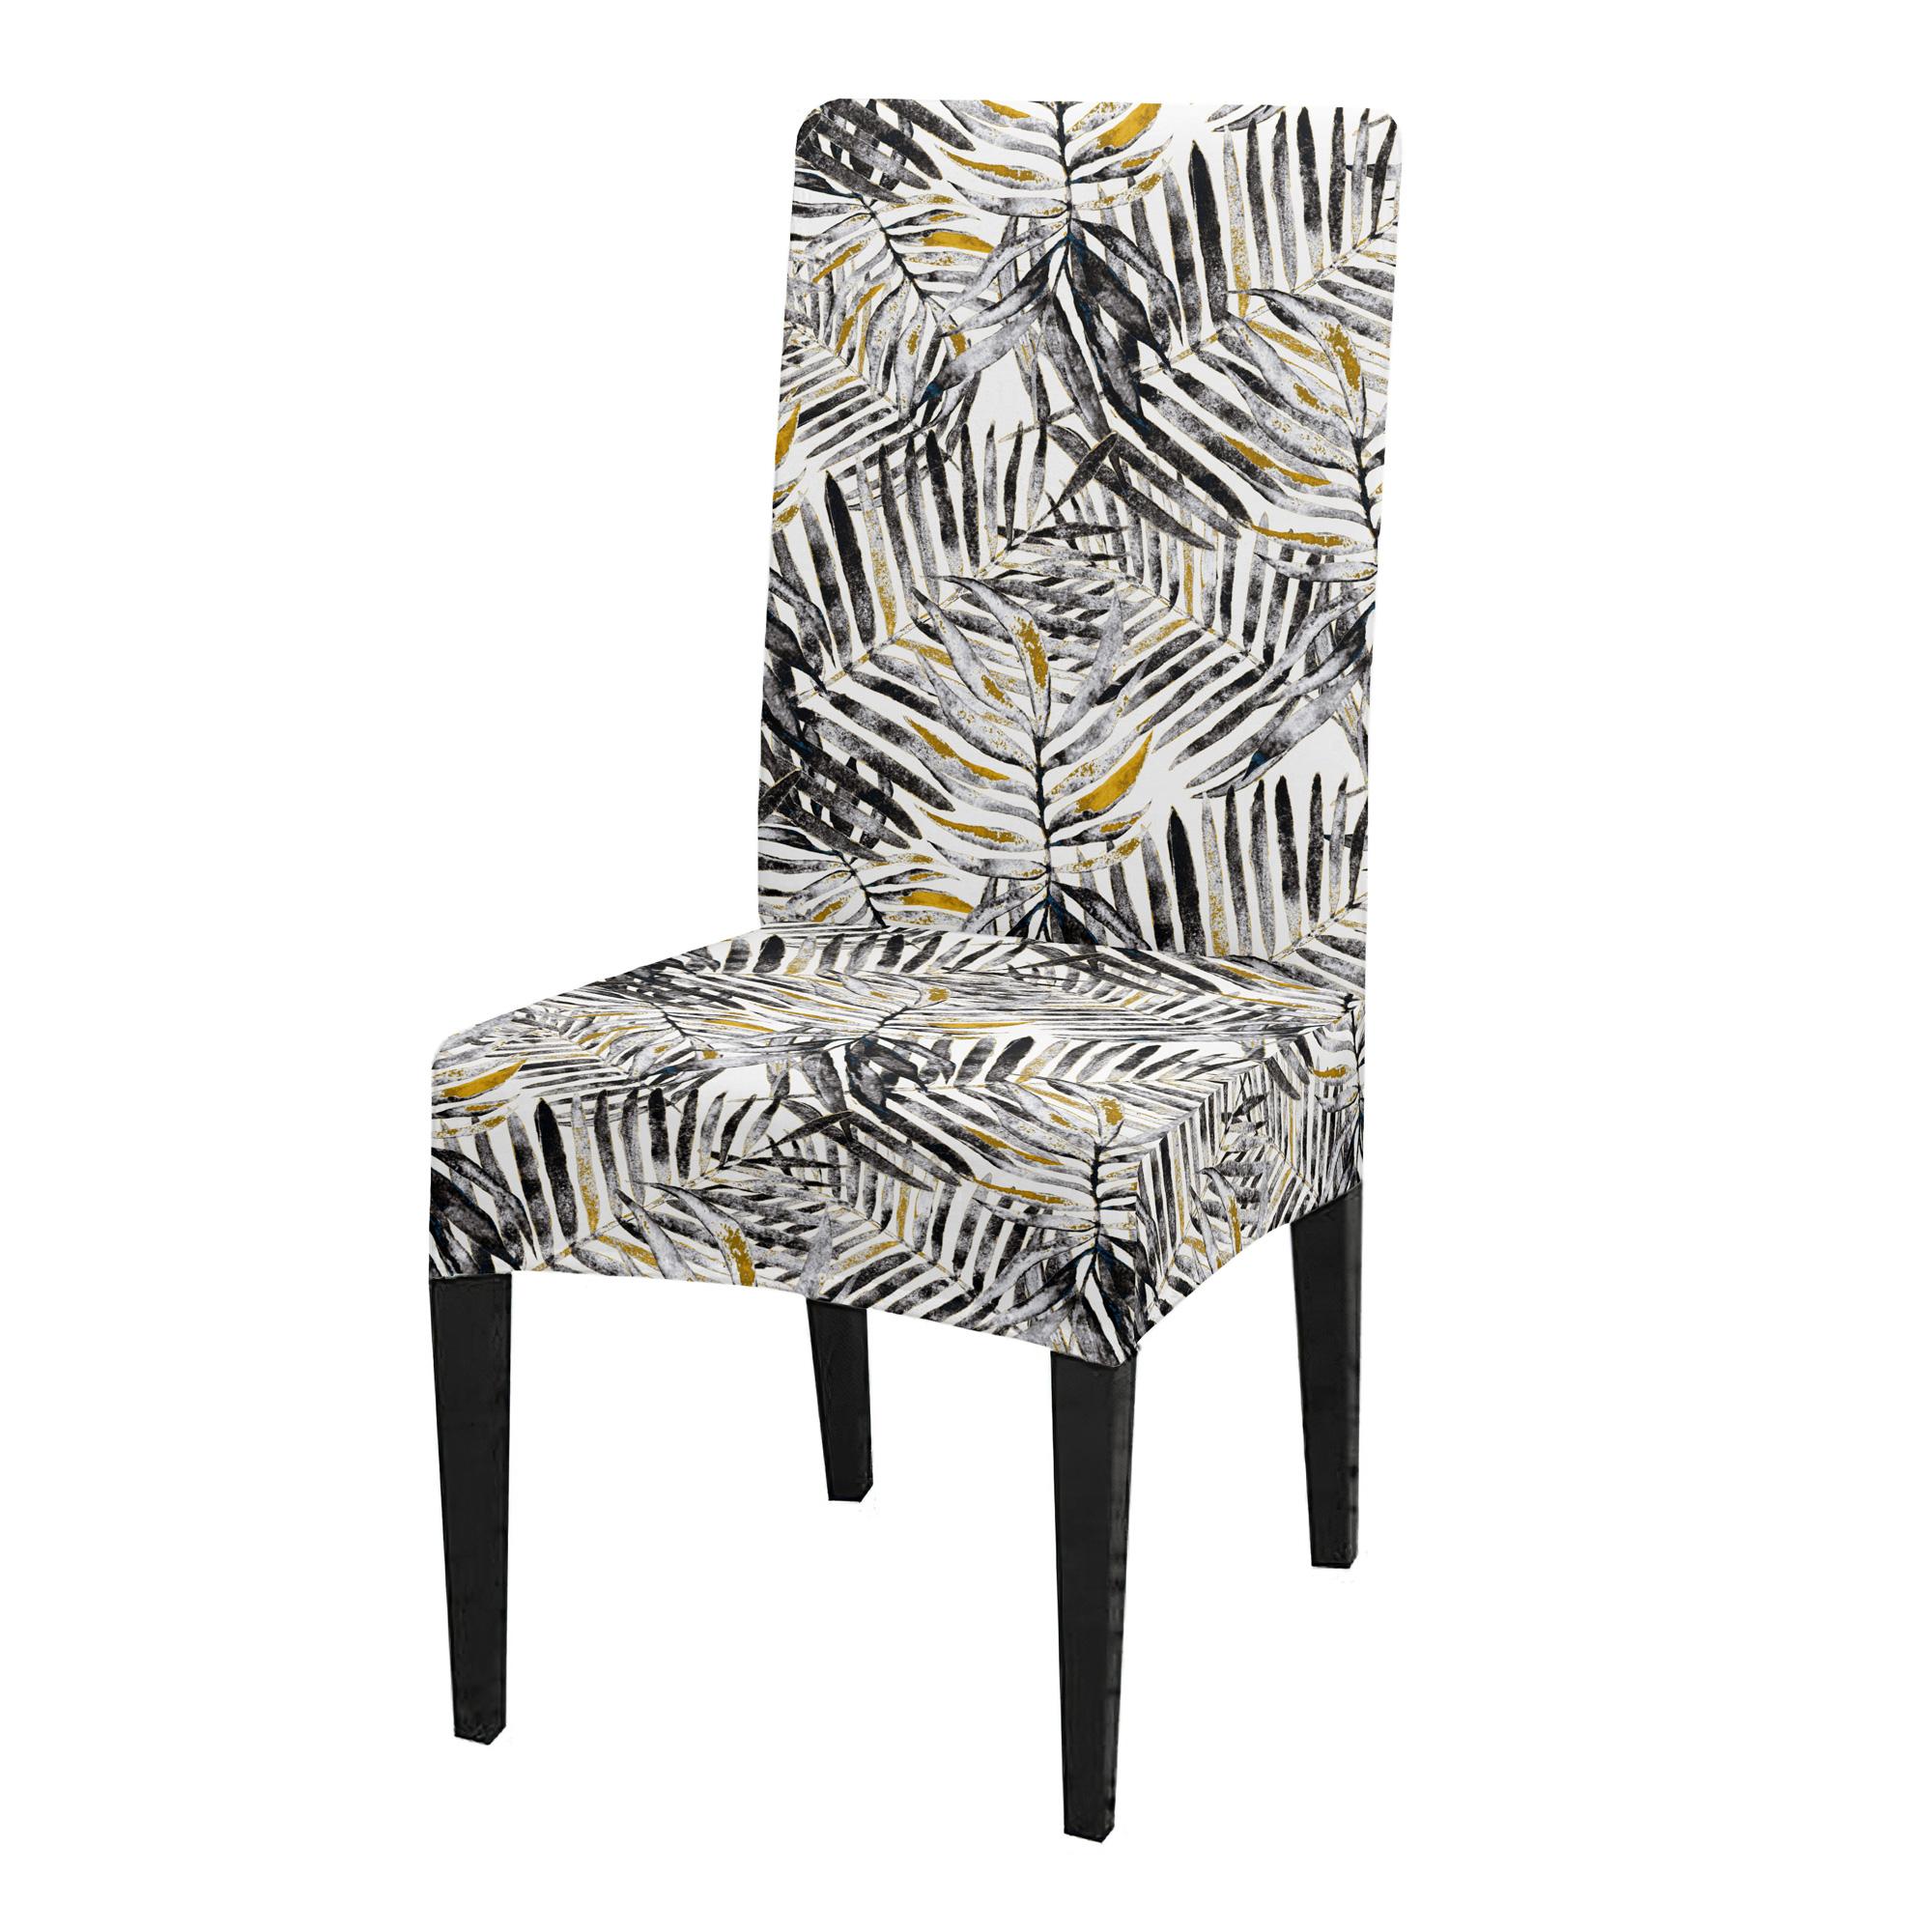 Сирень ЧХТР080 13361 Чехол на стул, универсальный,